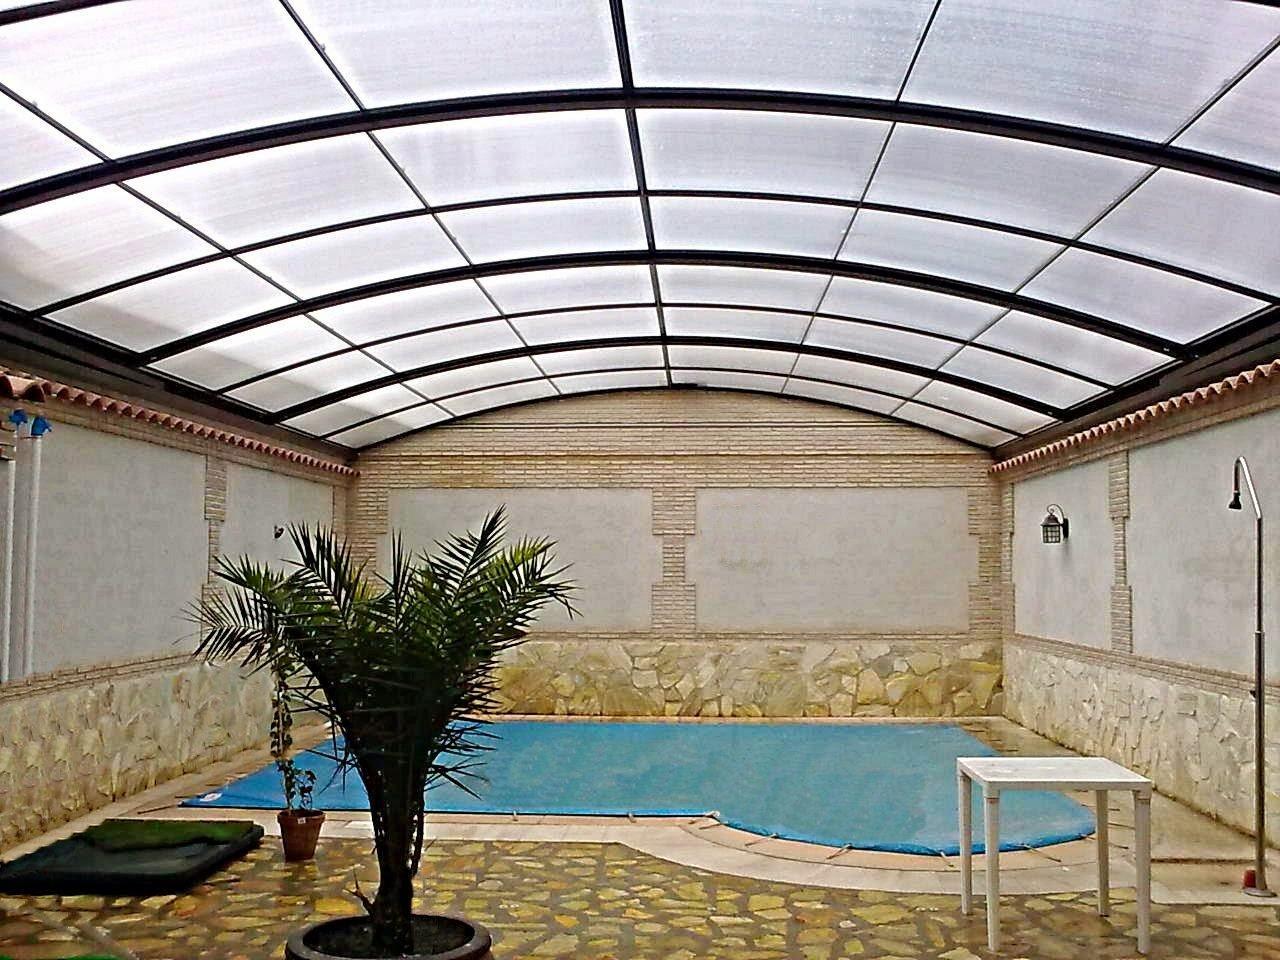 Policarbonato del techo o cubierta de la piscina - Techos moviles para patios ...